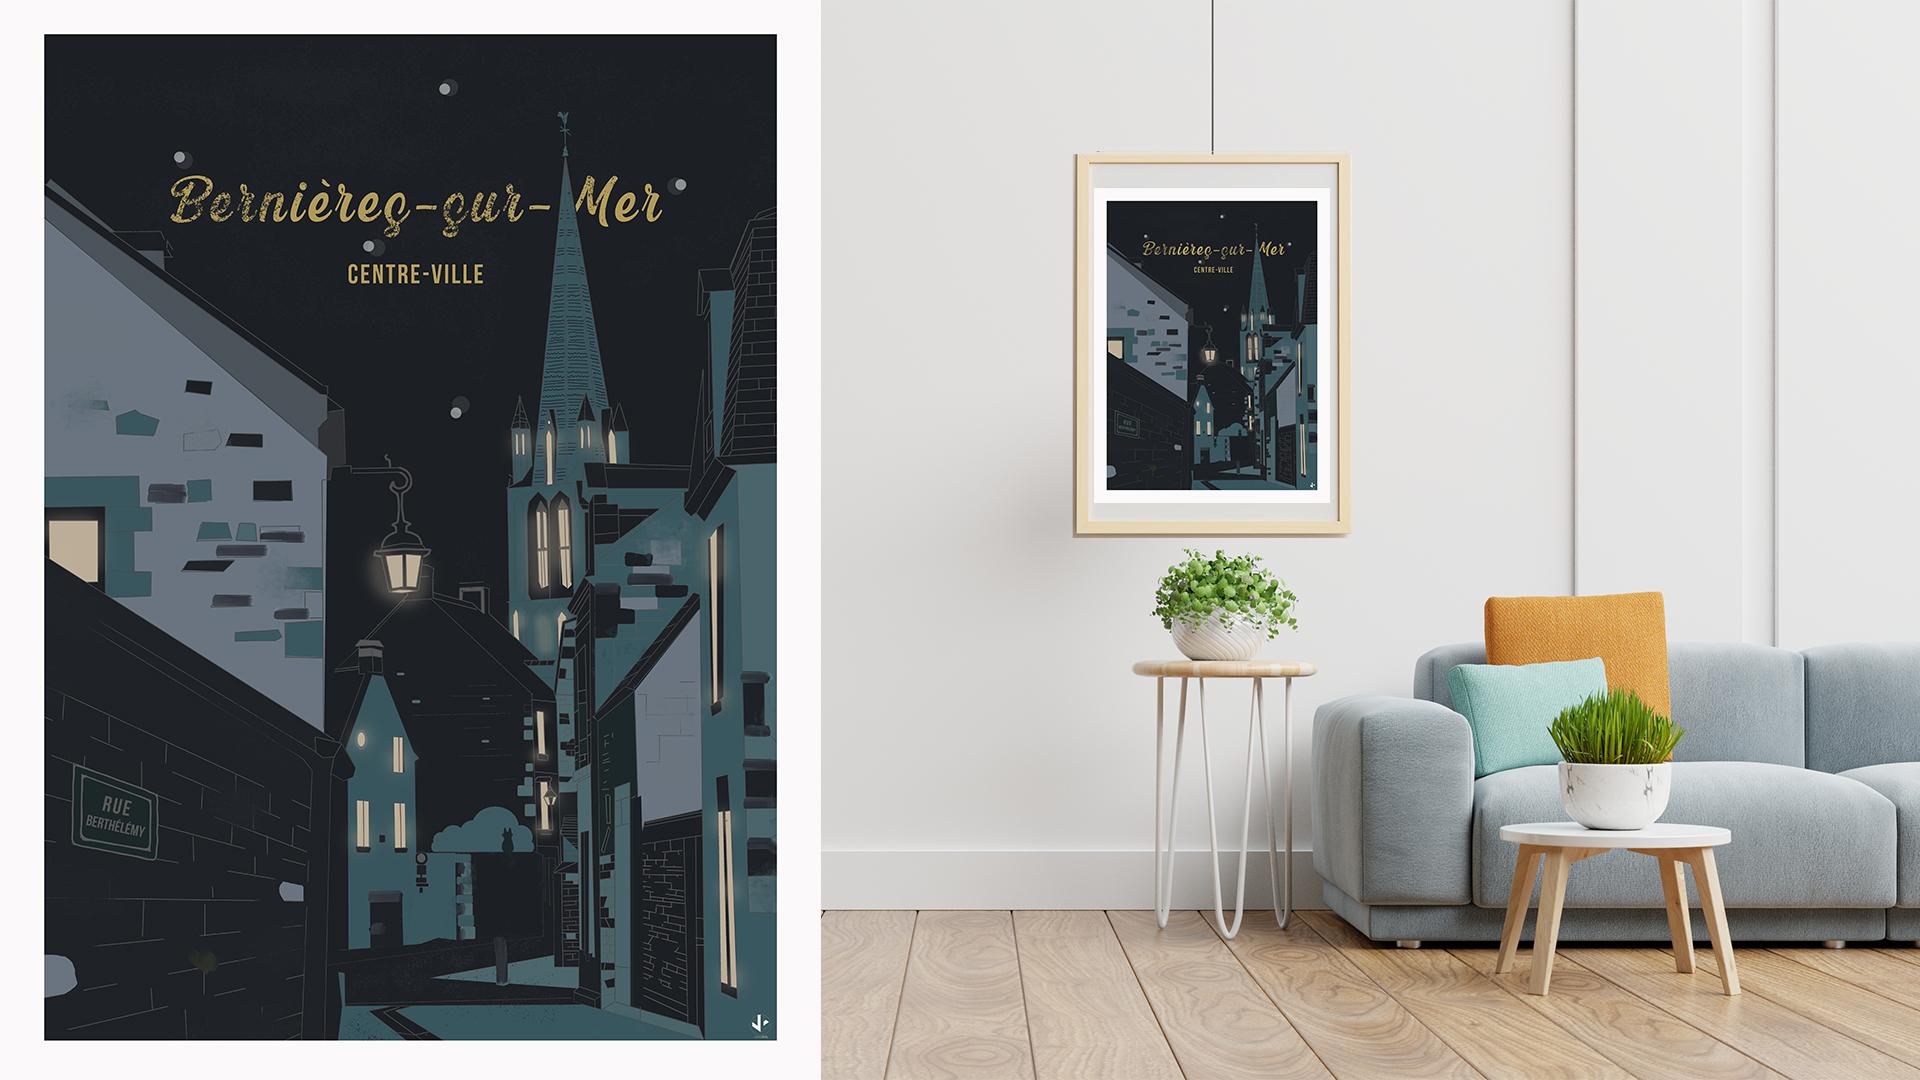 affiche illustrée Bernières sur mer Côte de Nacre Normandie